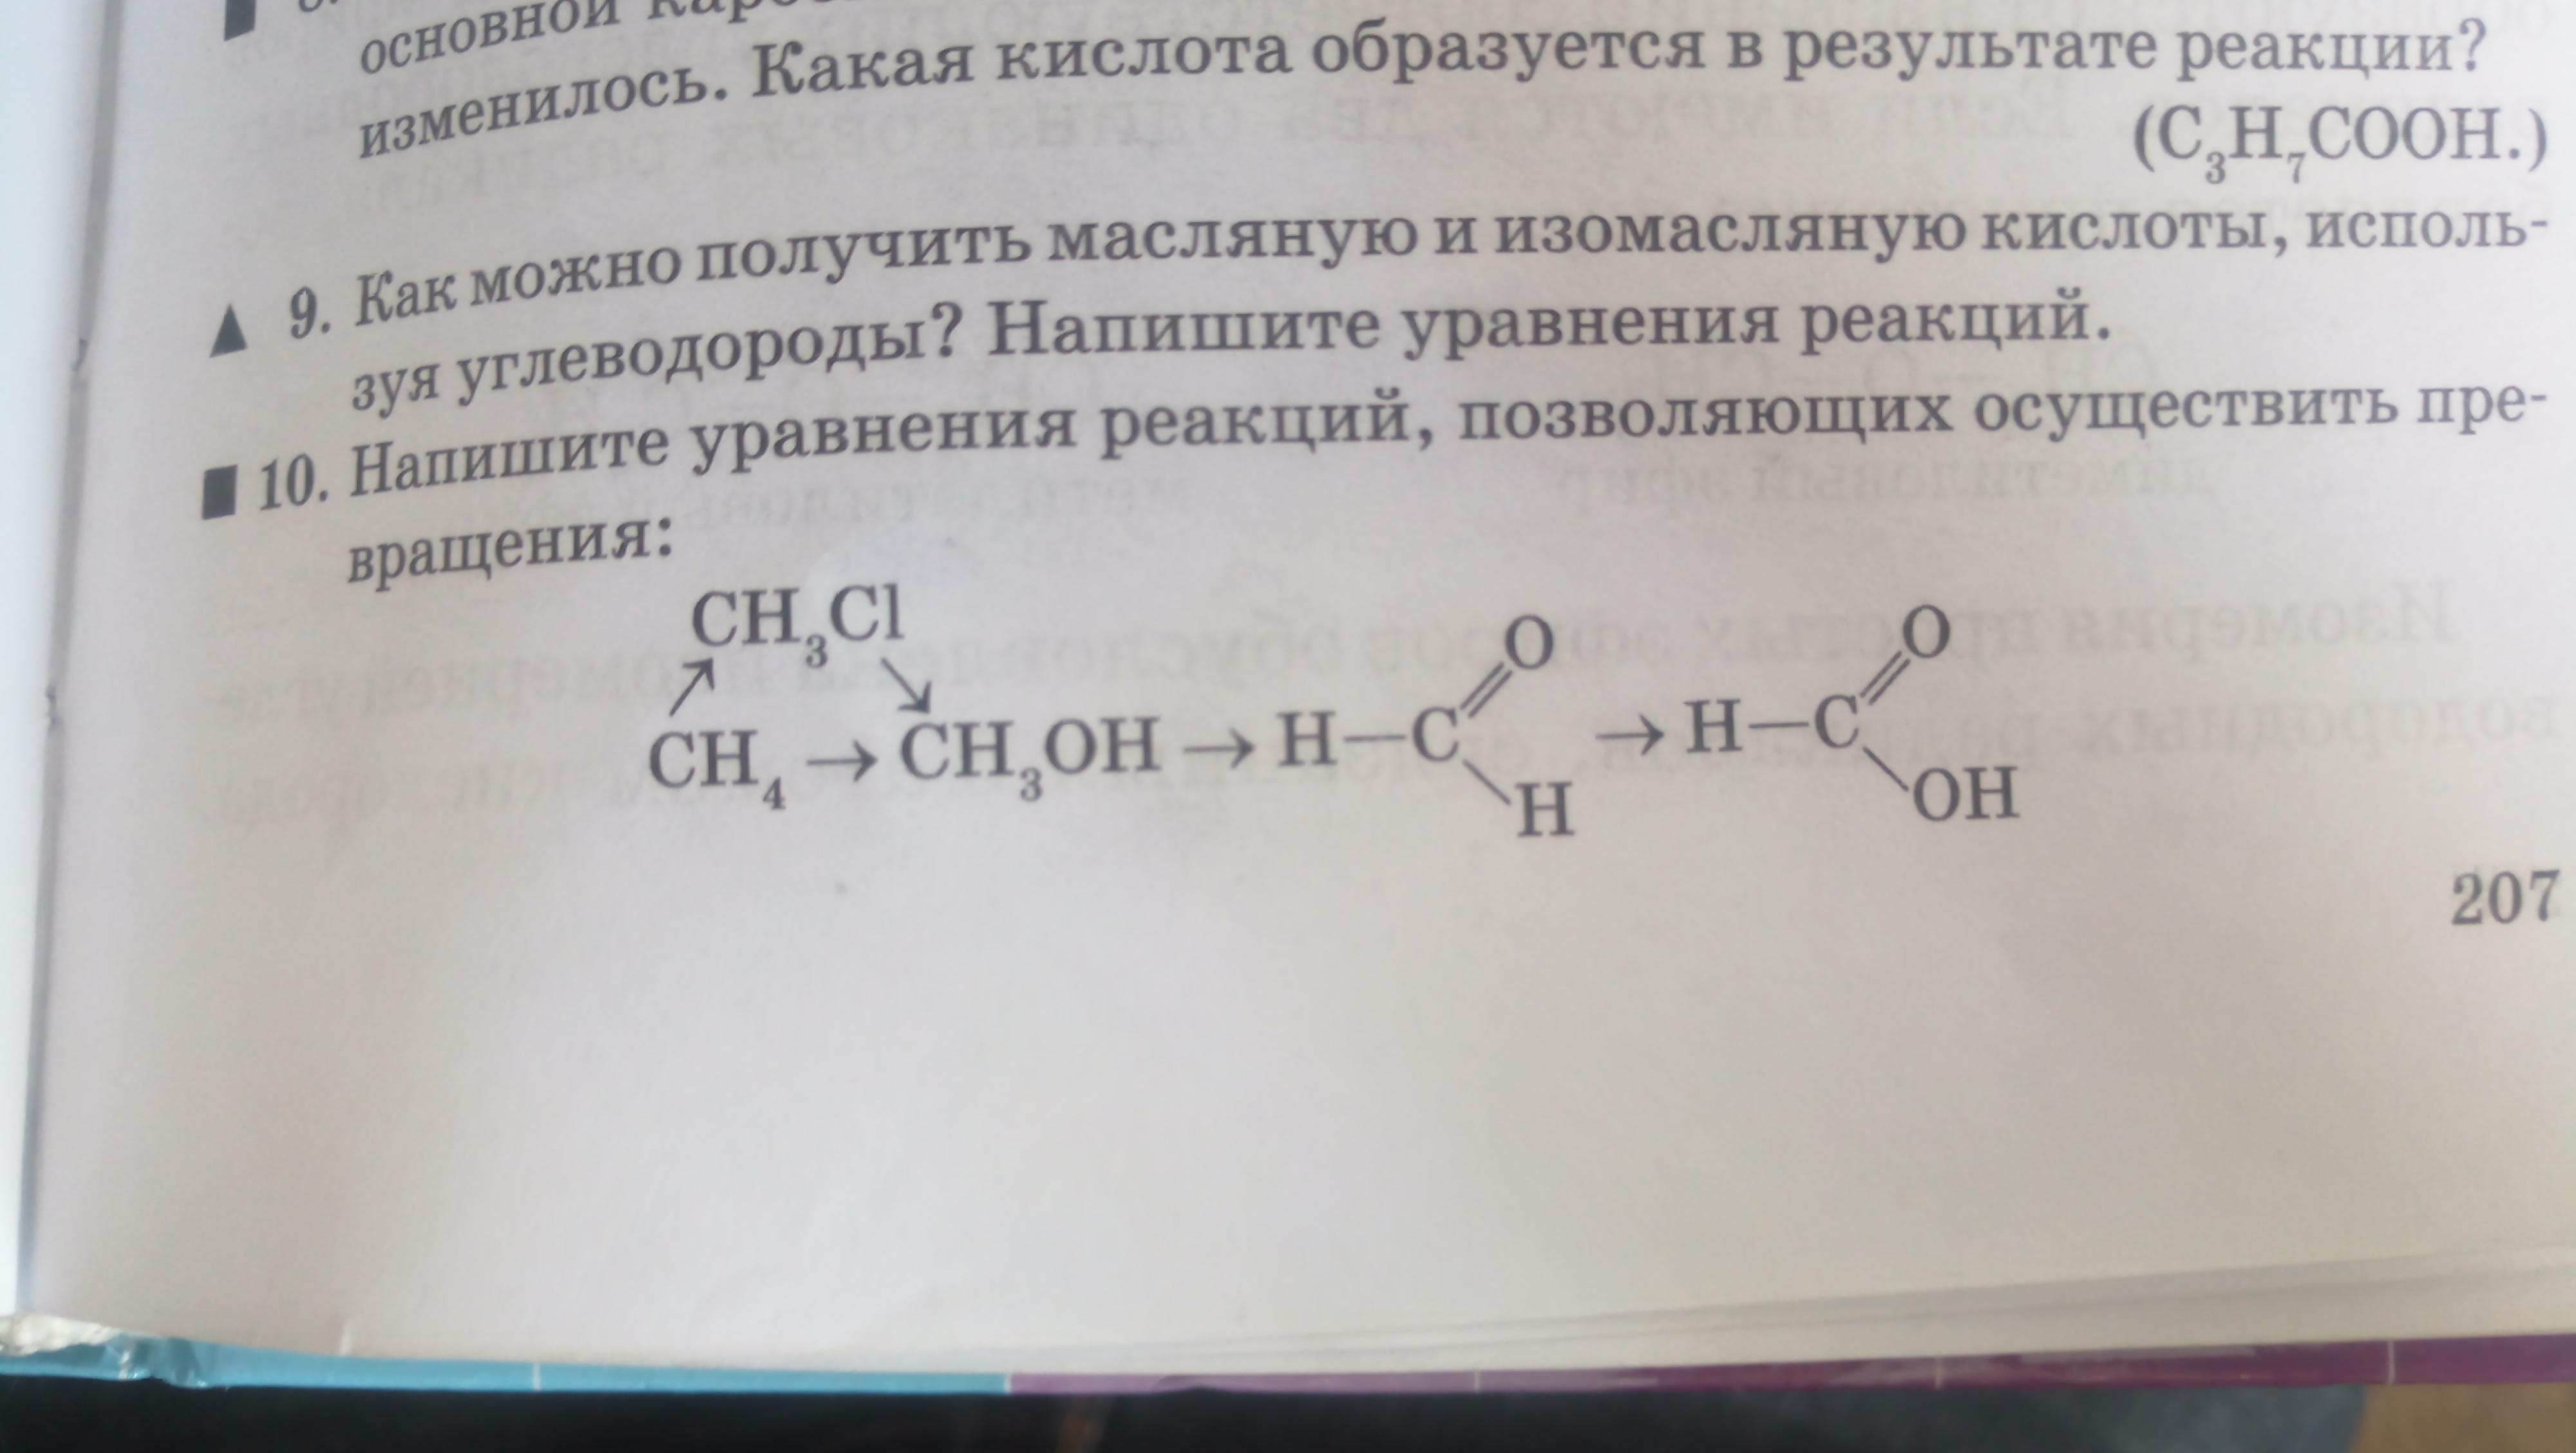 Напишите уравнения химических реакций, позволяющих